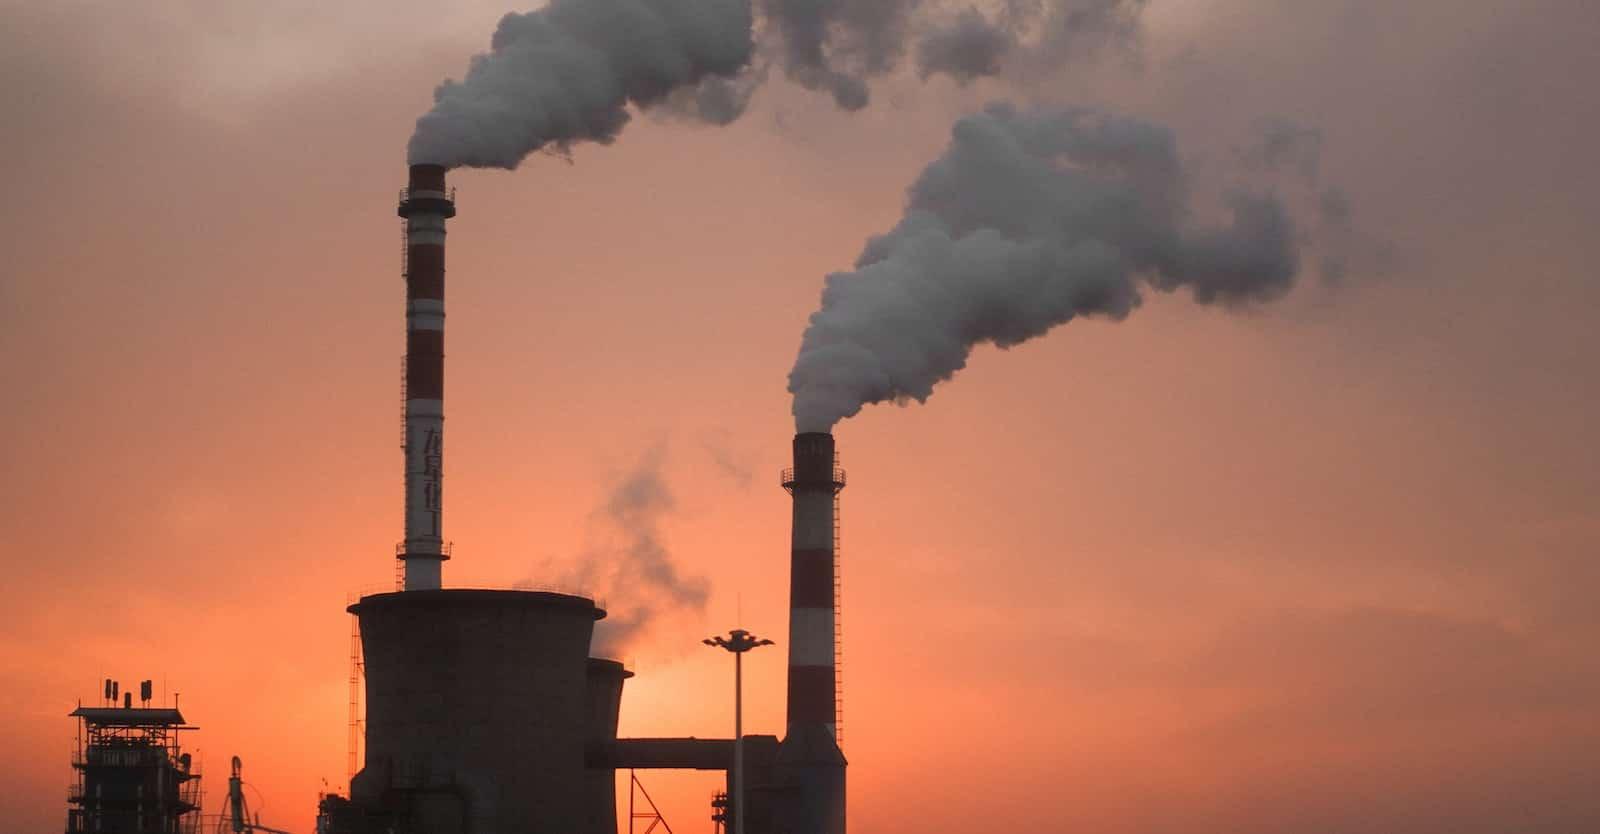 Immagine di una fabbrica